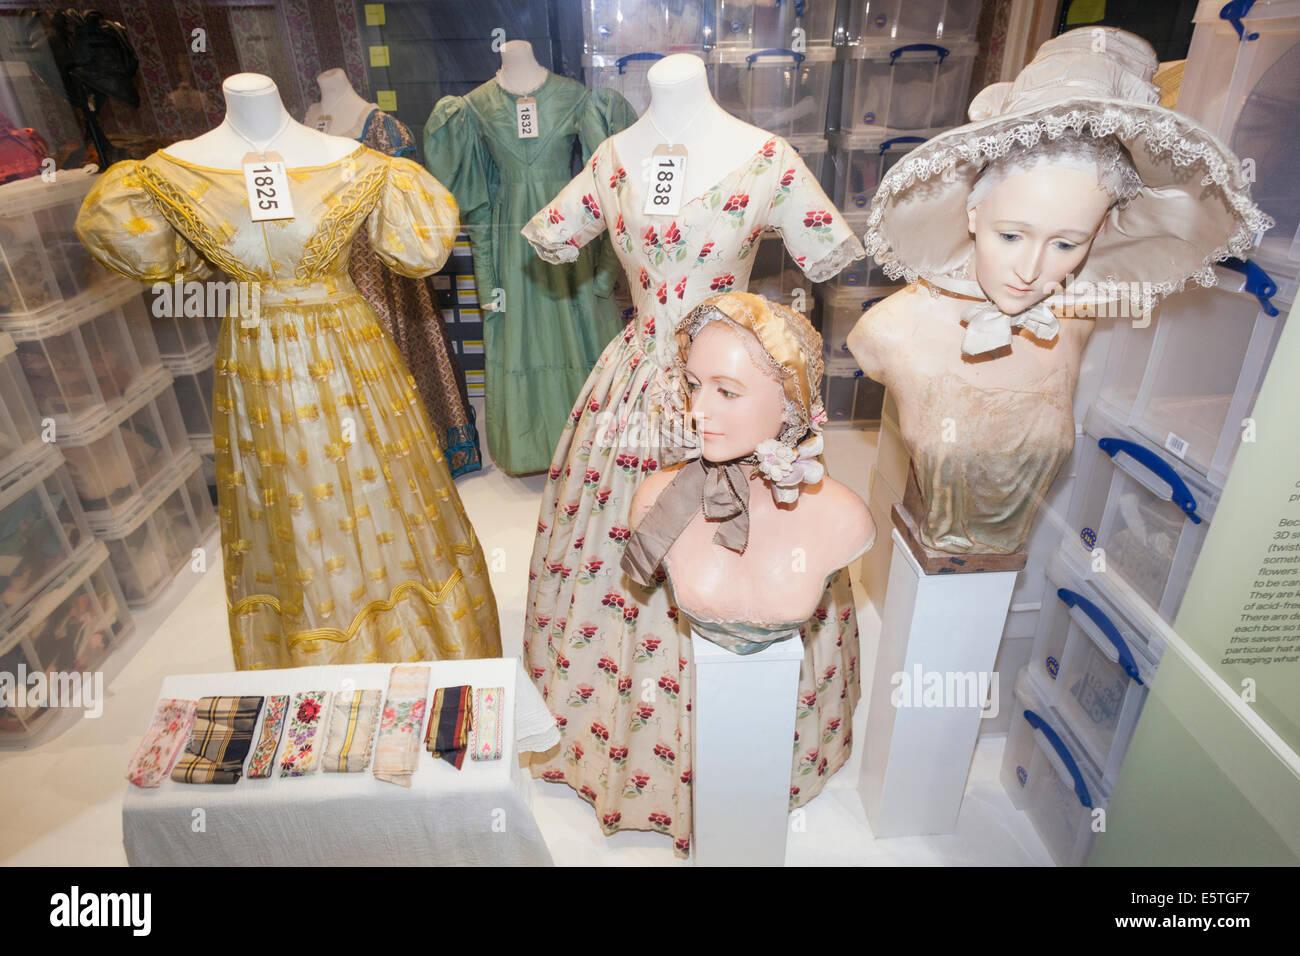 19th Century Fashion Stock Photos & 19th Century Fashion